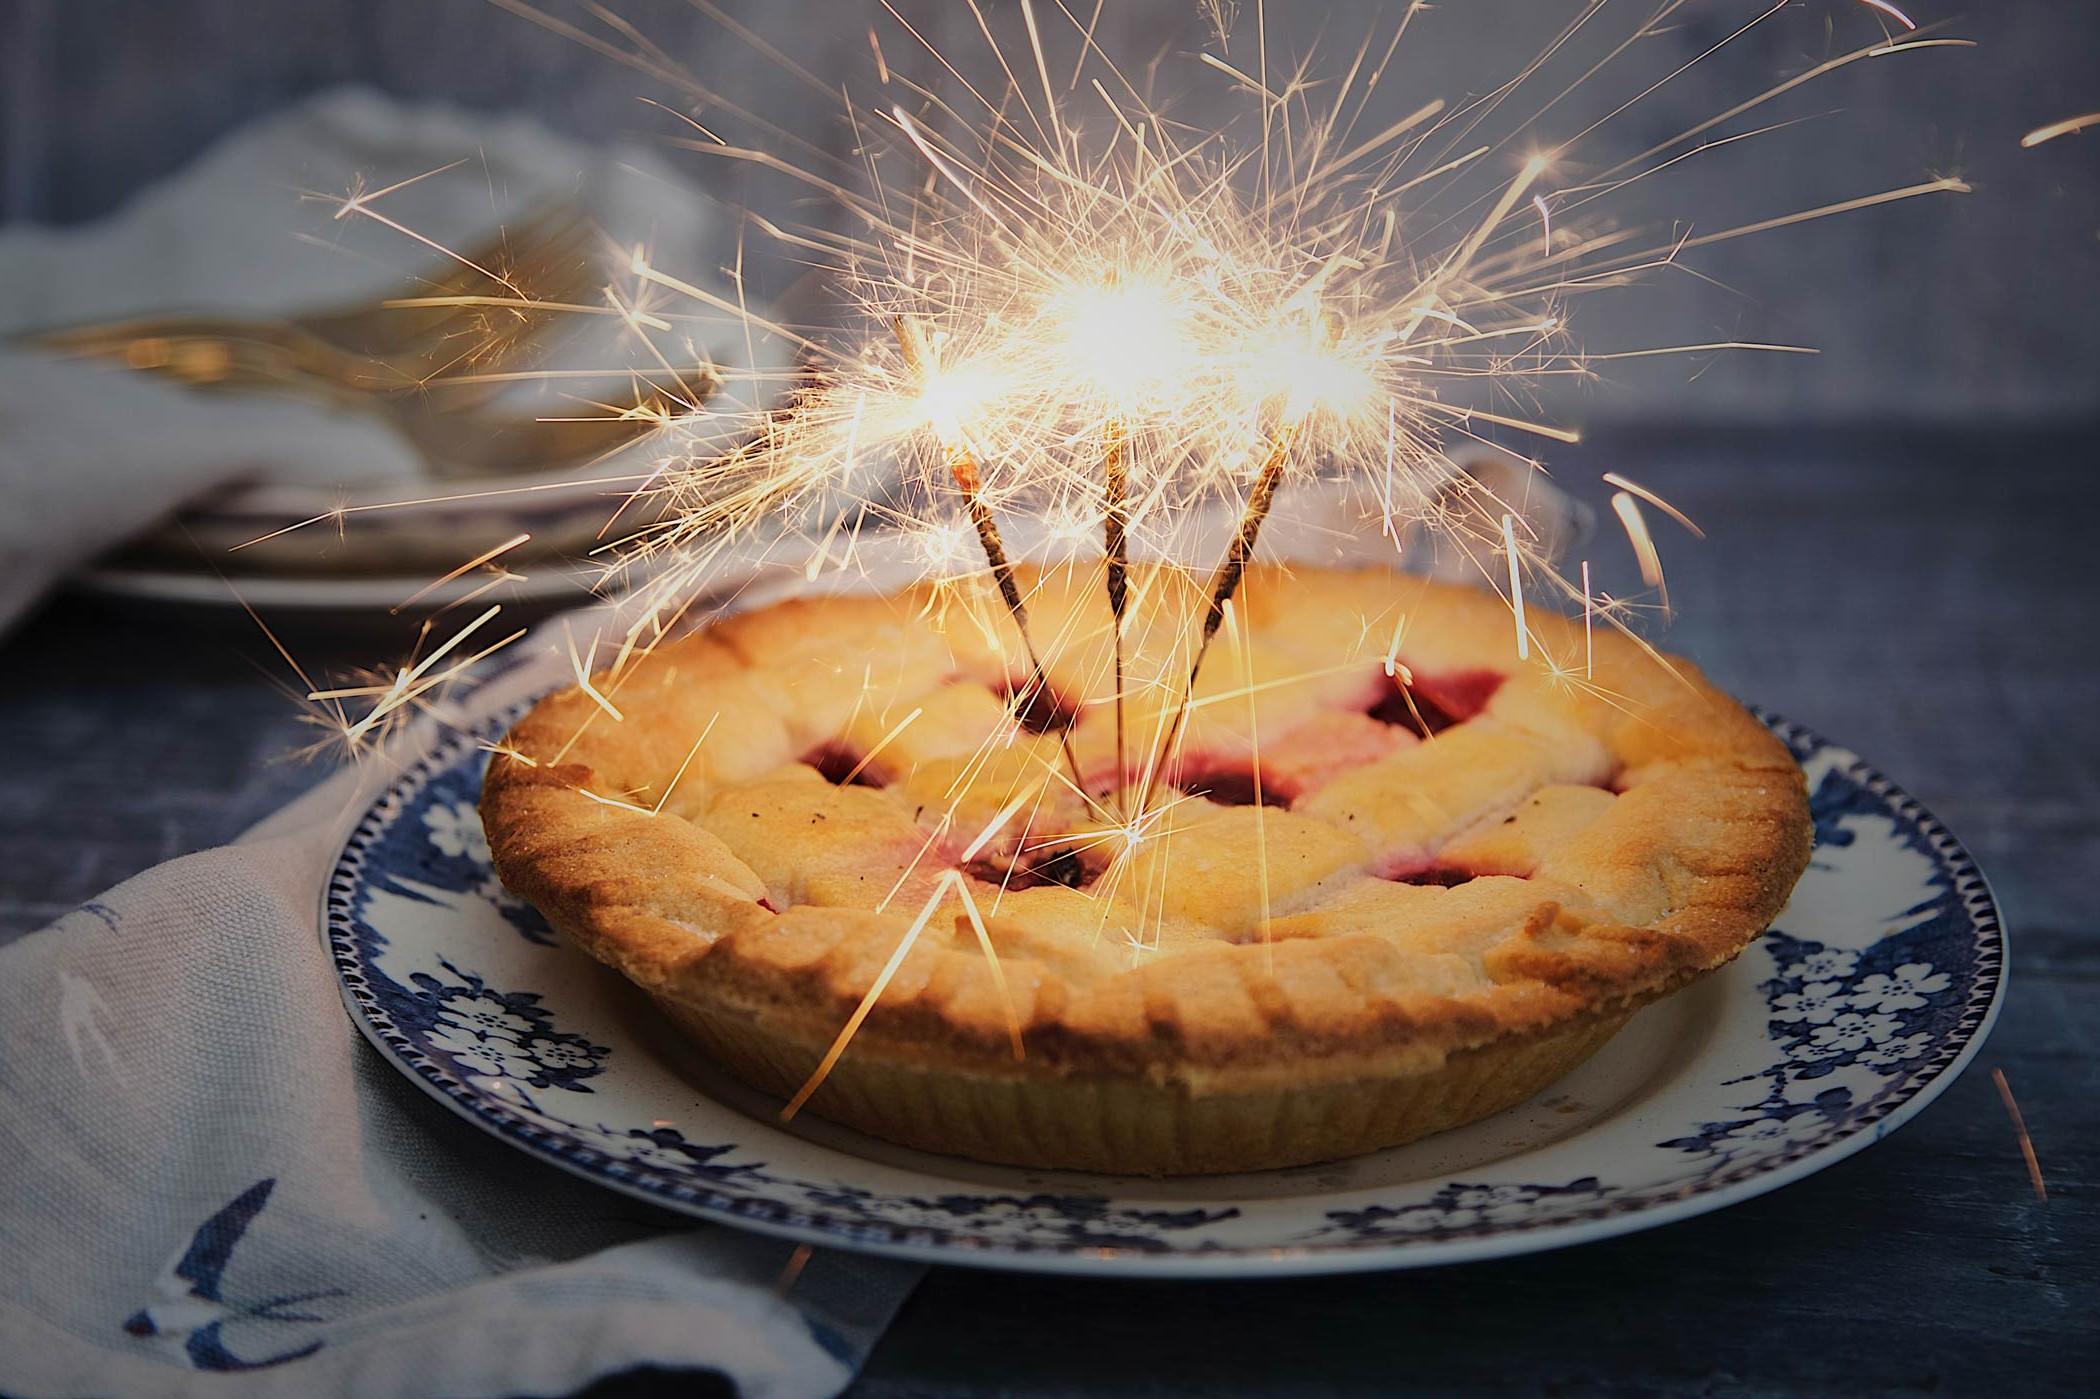 Ein Kuchen mit Wunderkerzen